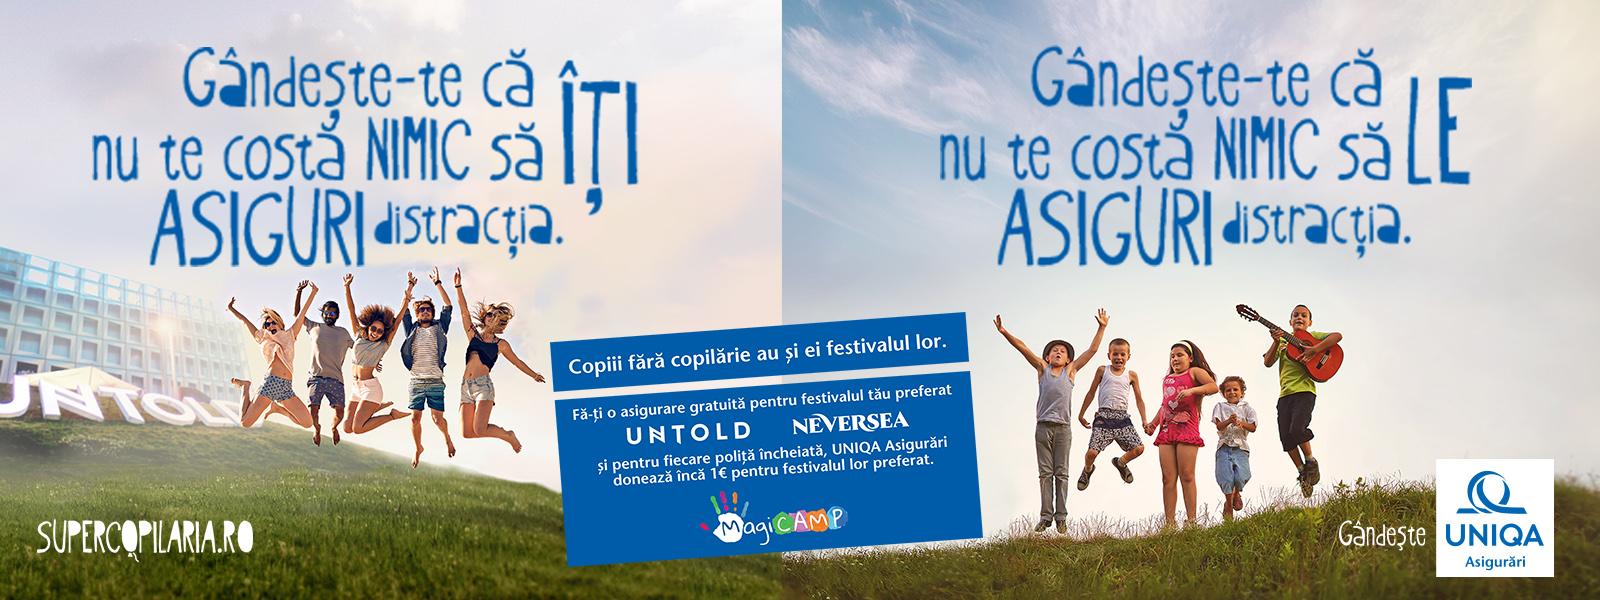 1 euro către MagiCAMP pentru fiecare poliță UNIQA încheiată la Untold și Neversea